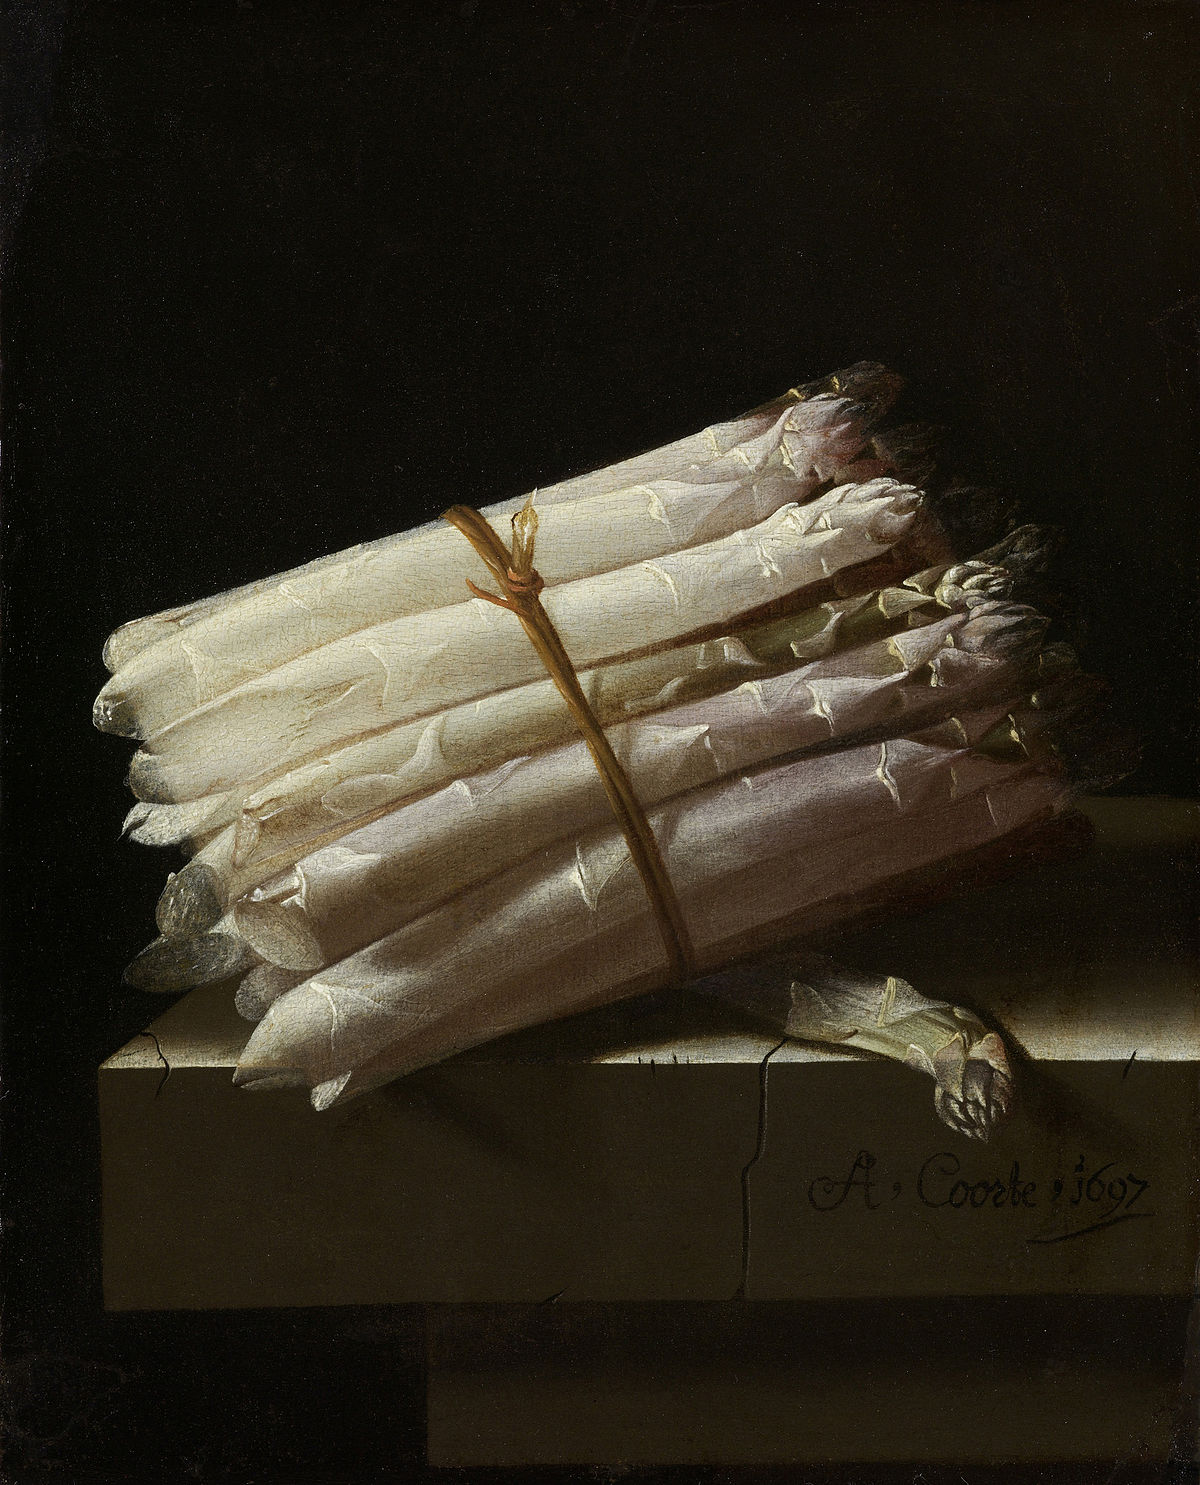 Adriaen Coorte - Still Life with Asparagus.jpg